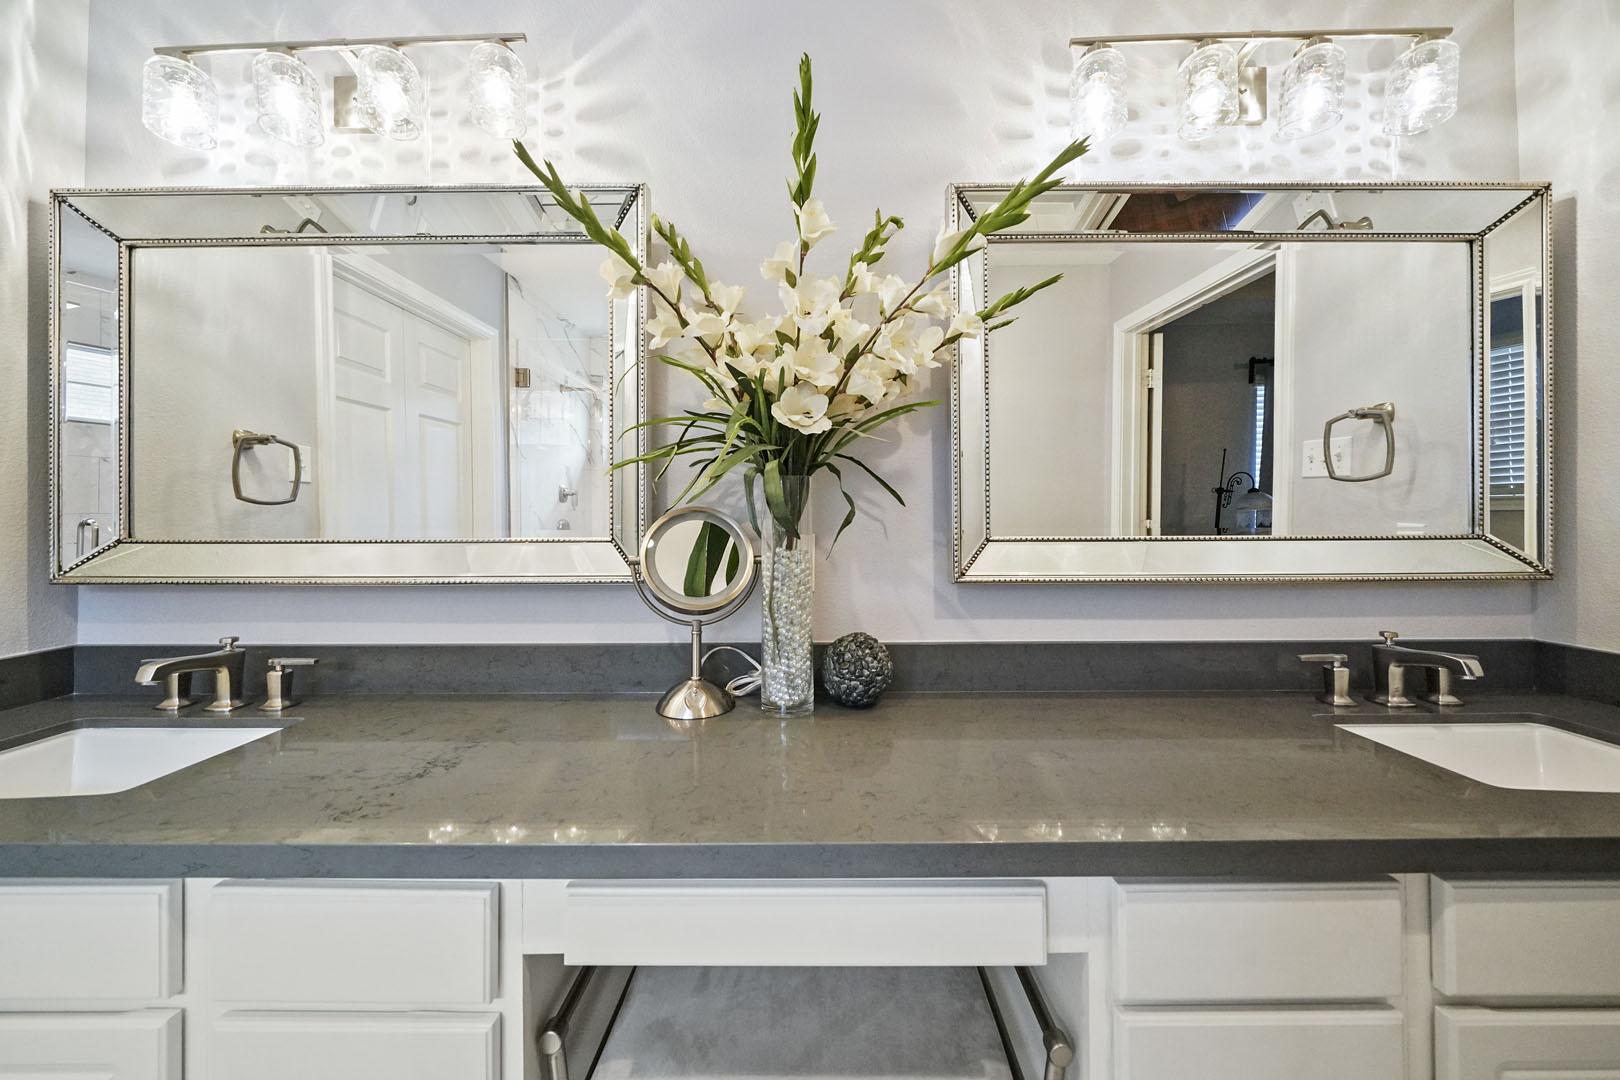 W 24th St Vanity Top bathroom remodel